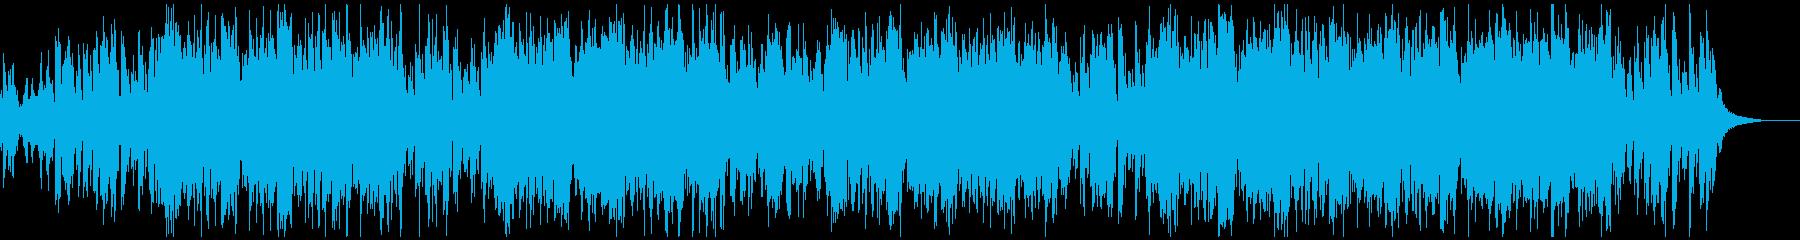 軽快なリズムのシンセとエレピのポップスの再生済みの波形